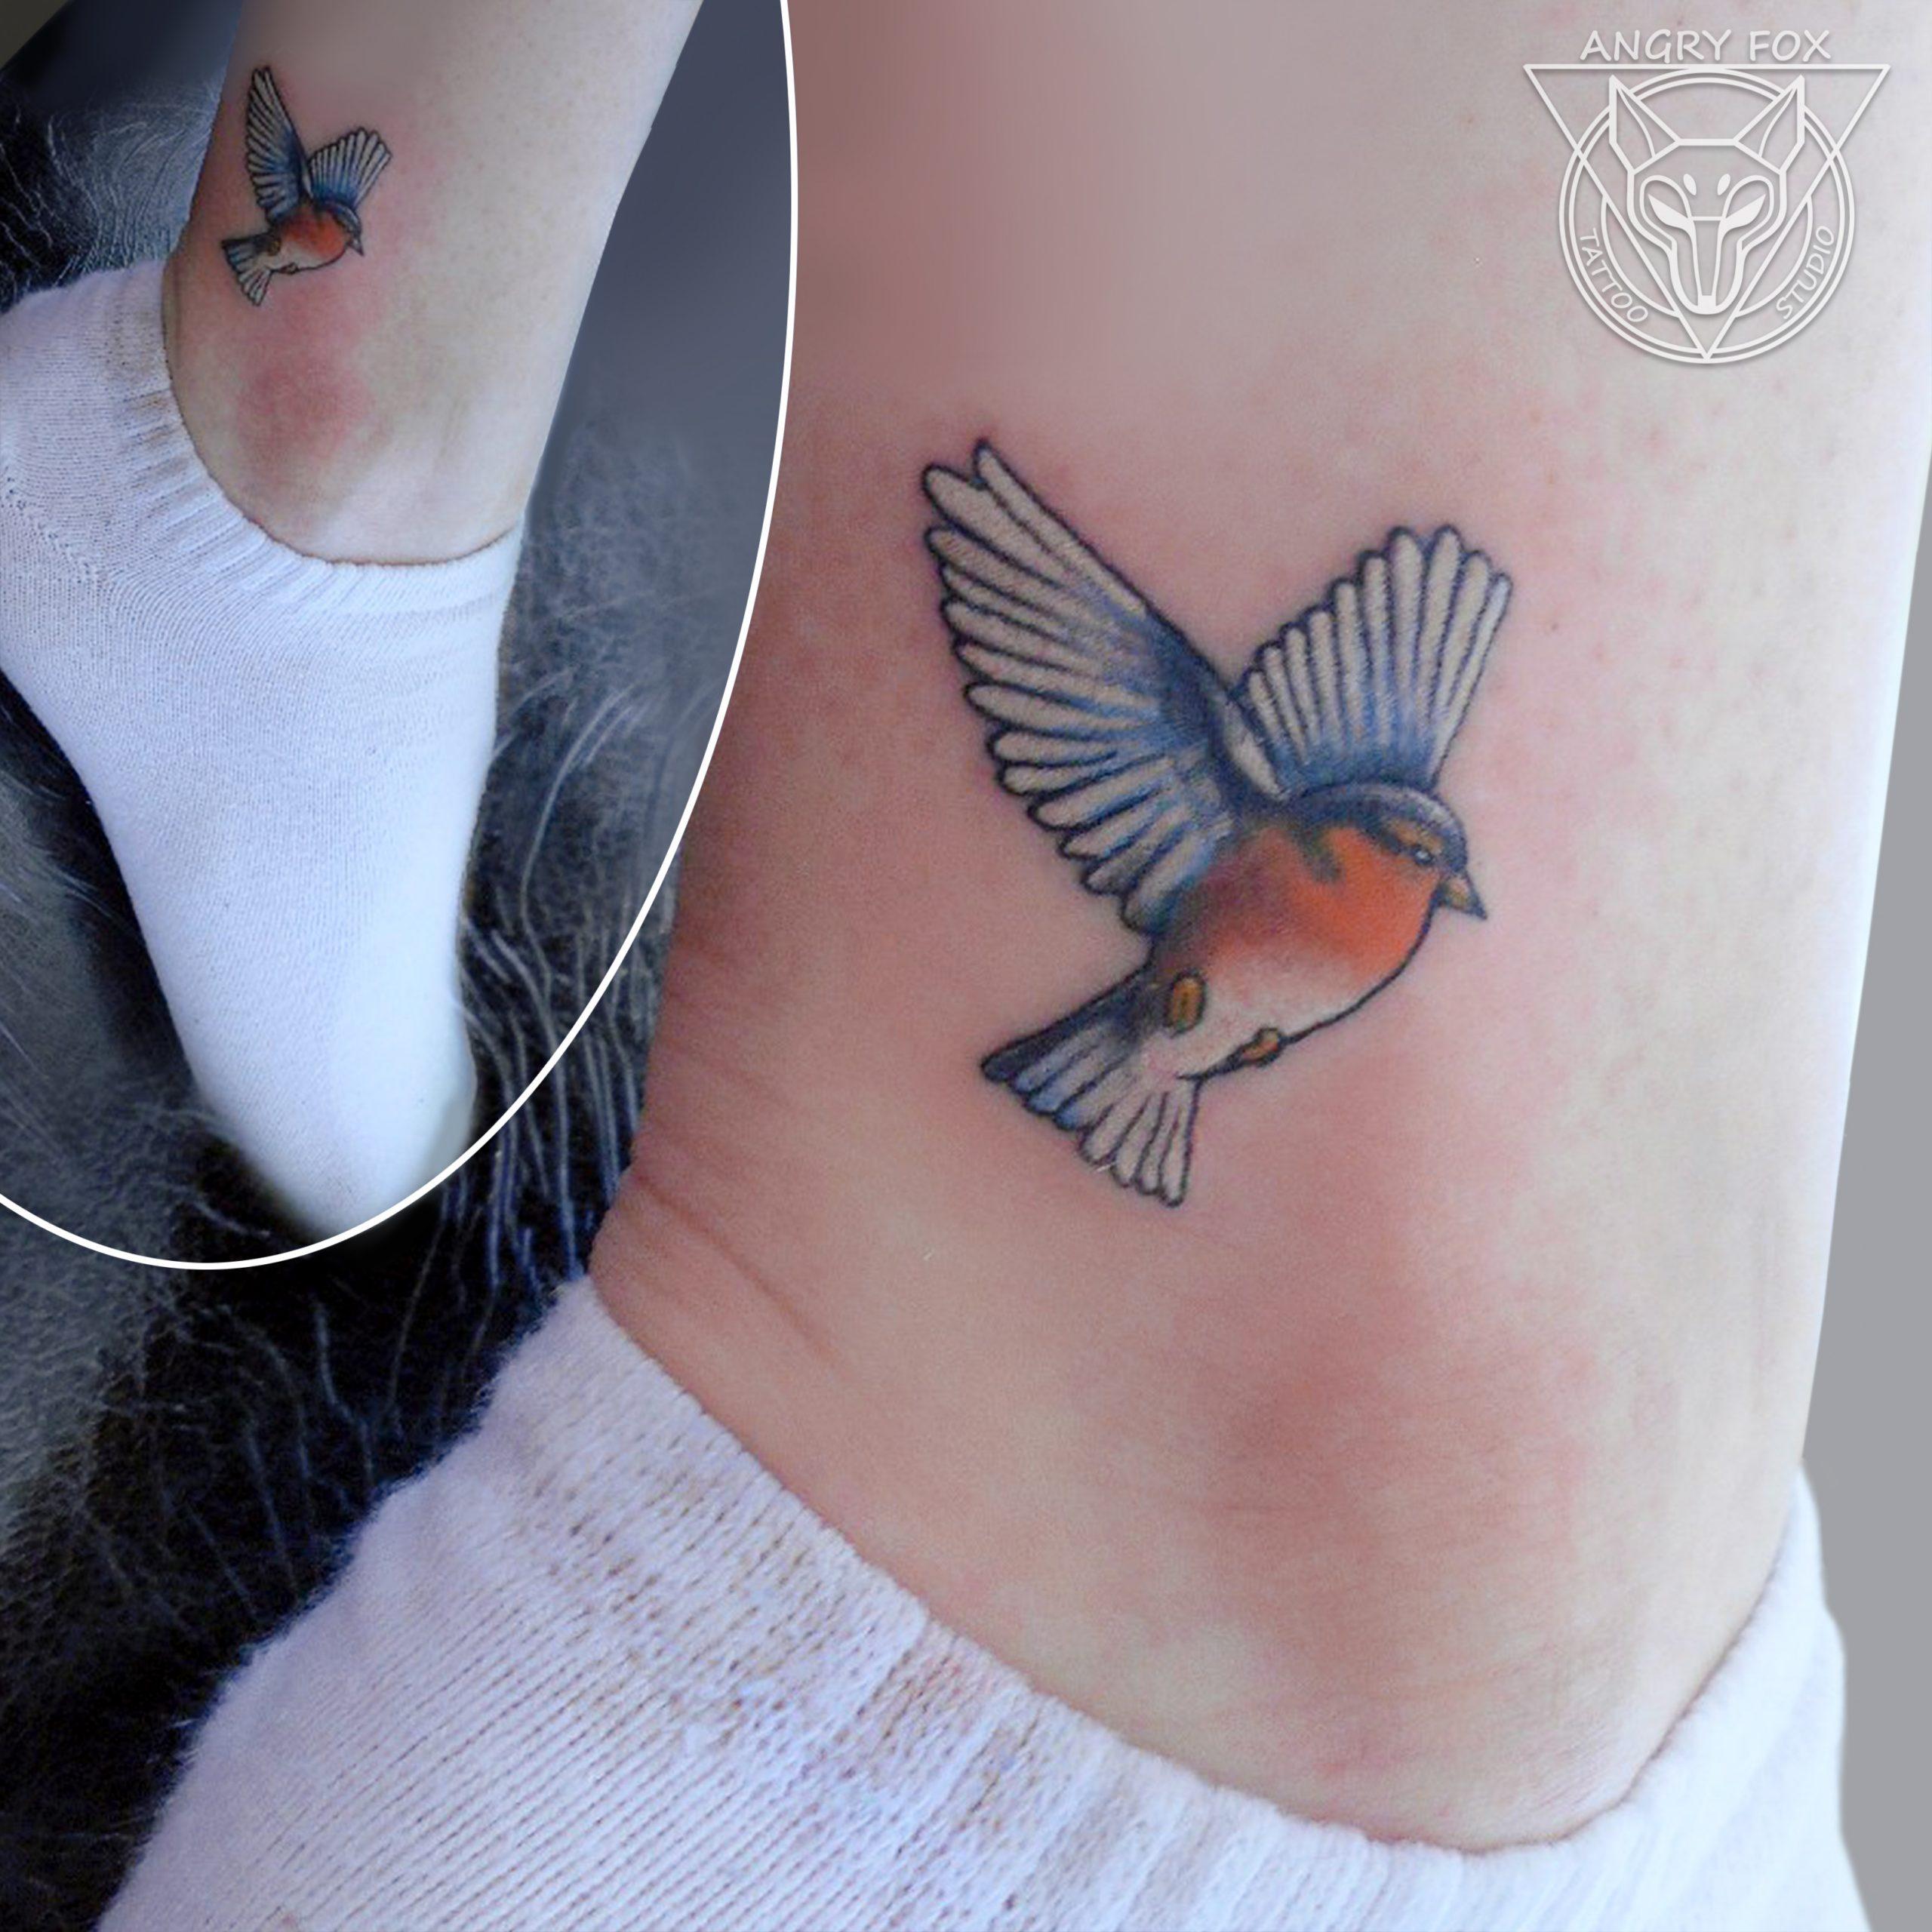 Татуировка, тату, цветная, голень, щиколотка, птица, контур, миниатюра, мини, снегирь